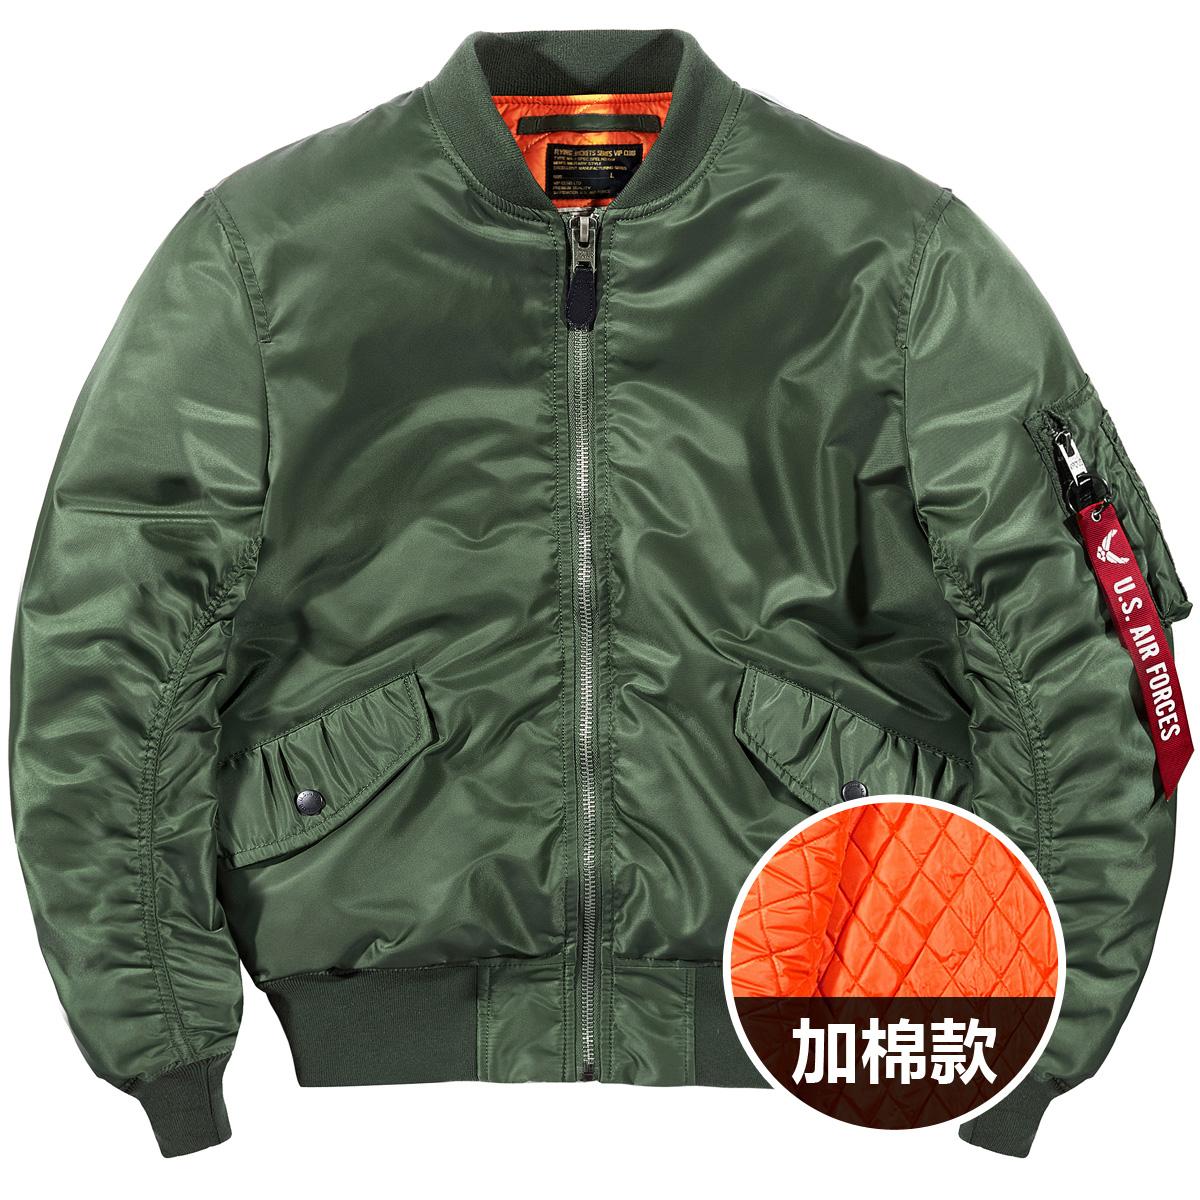 VIP冬季空军ma1飞行员冬装男大码工装夹克加厚棒球外套韩版棉衣服